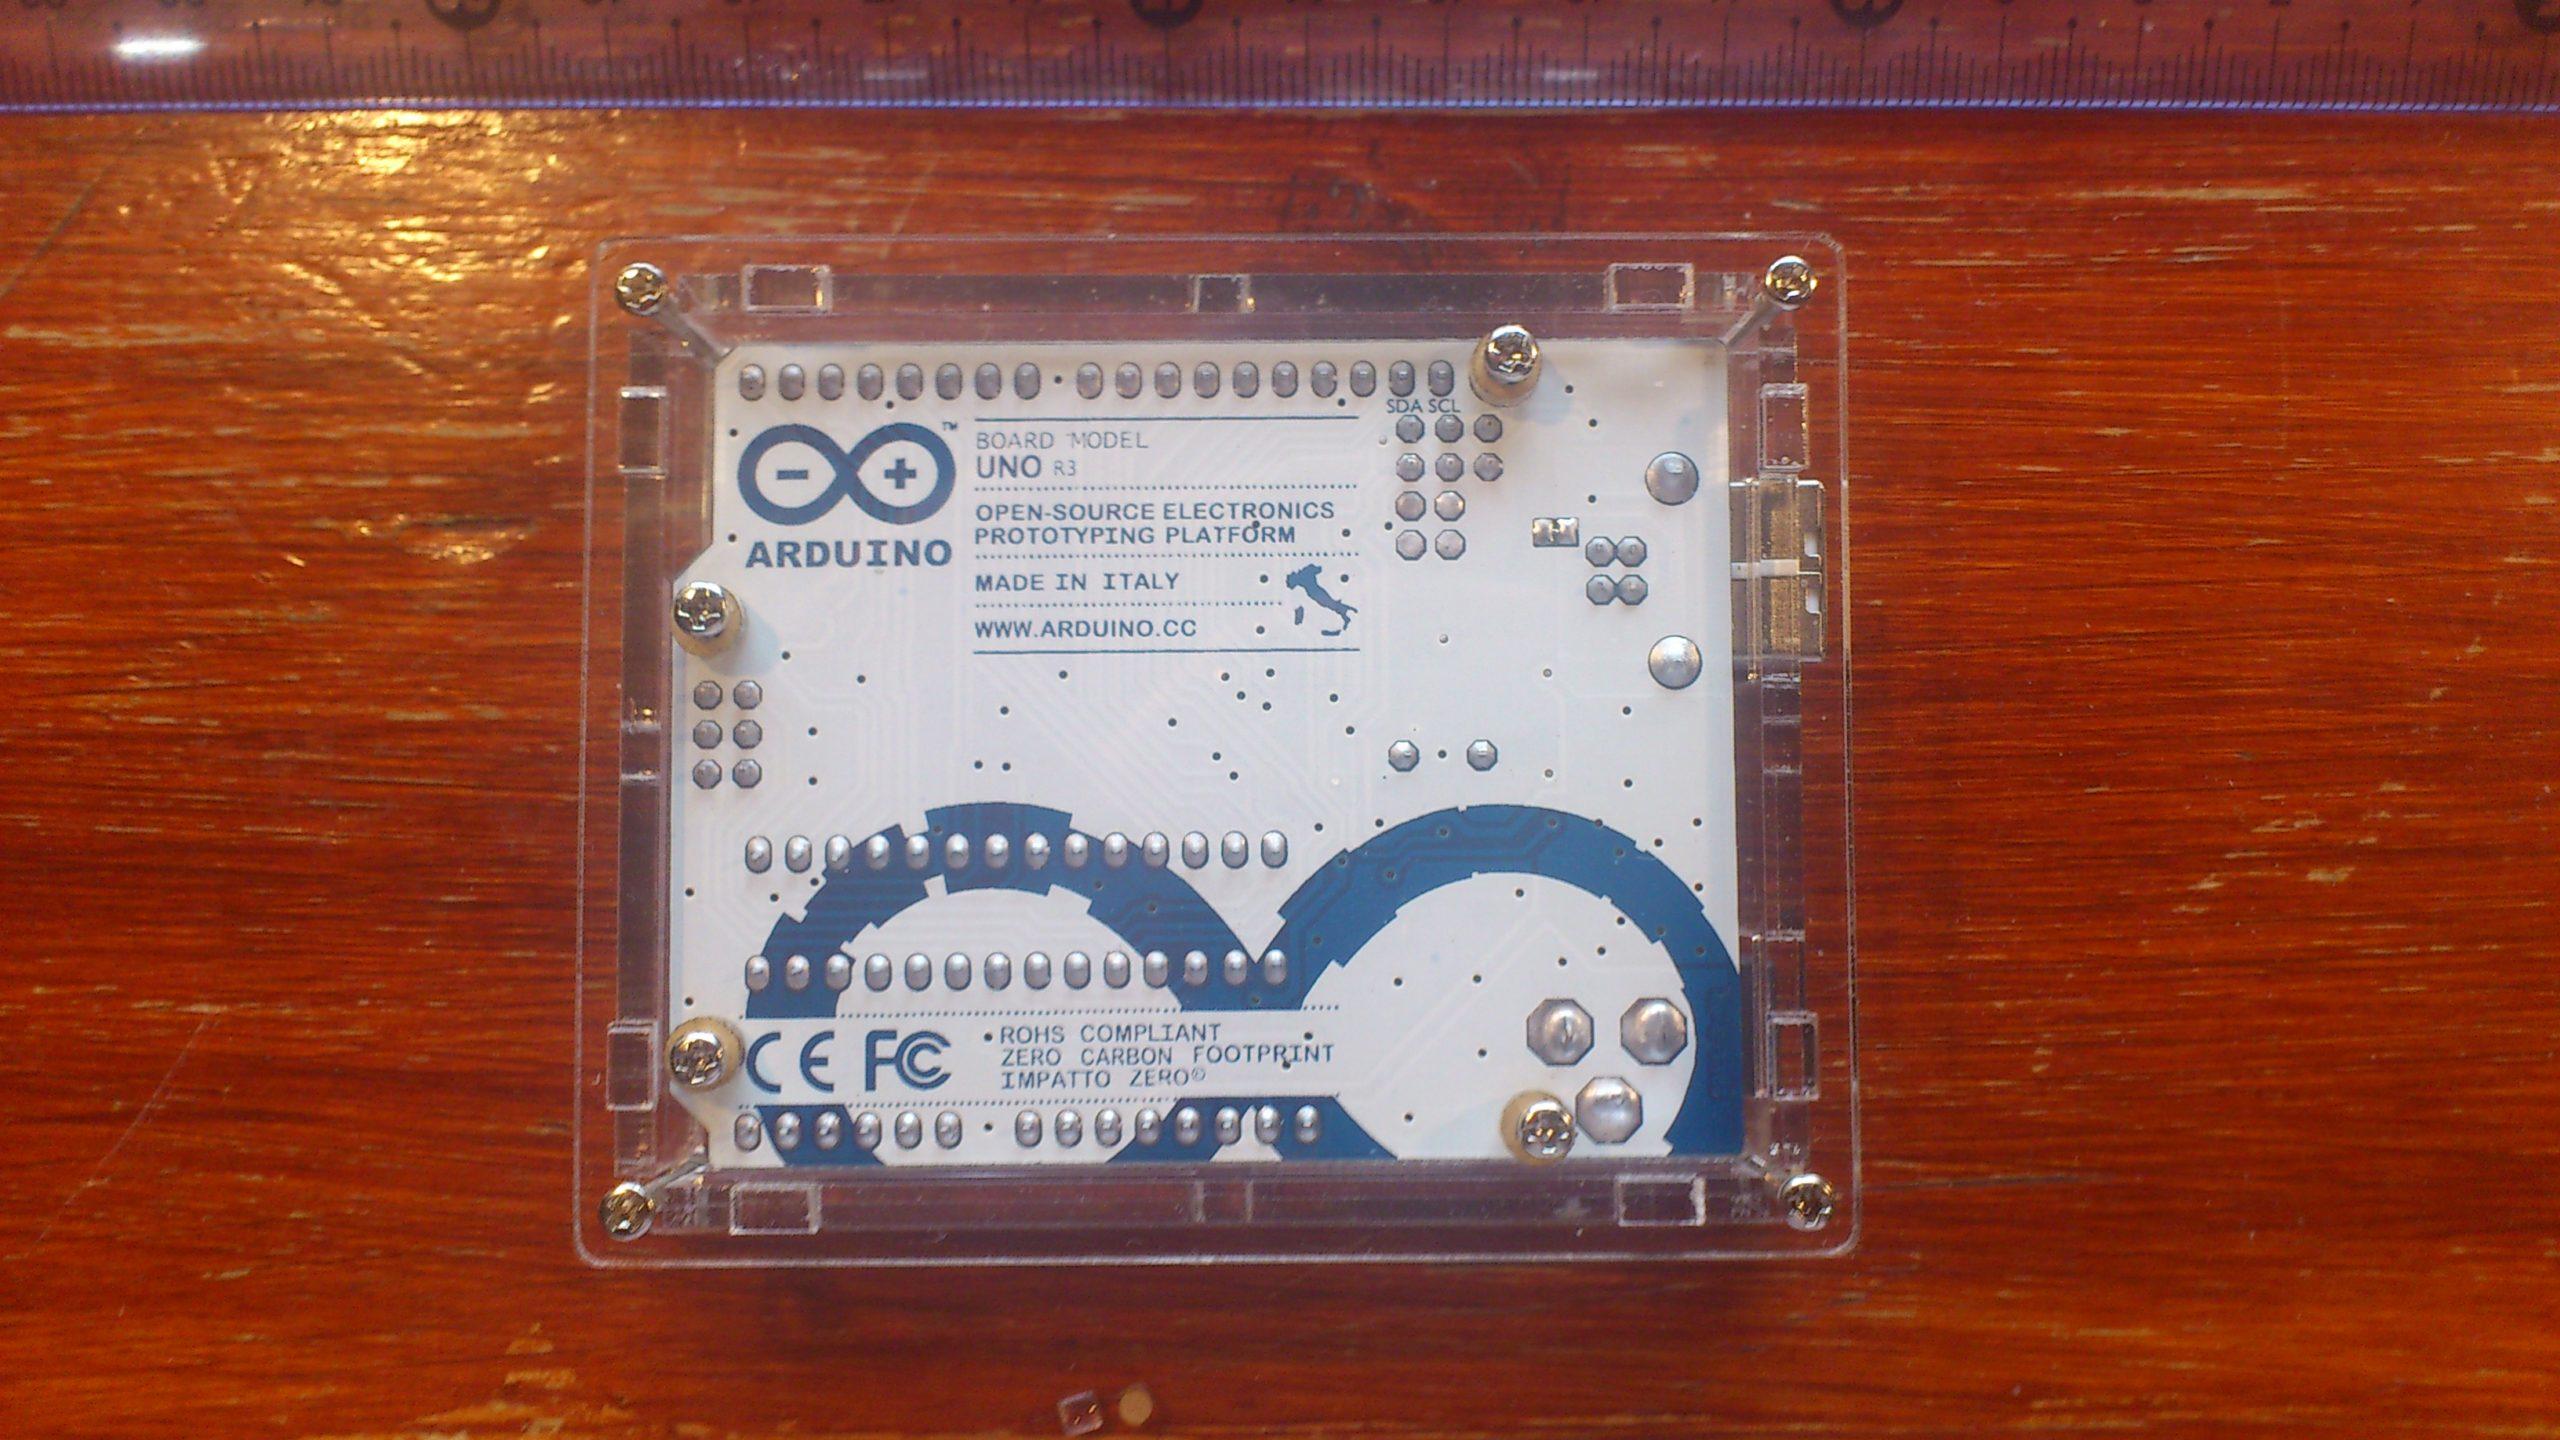 Arduino Uno CAJA Trasera DSC 0050 scaled